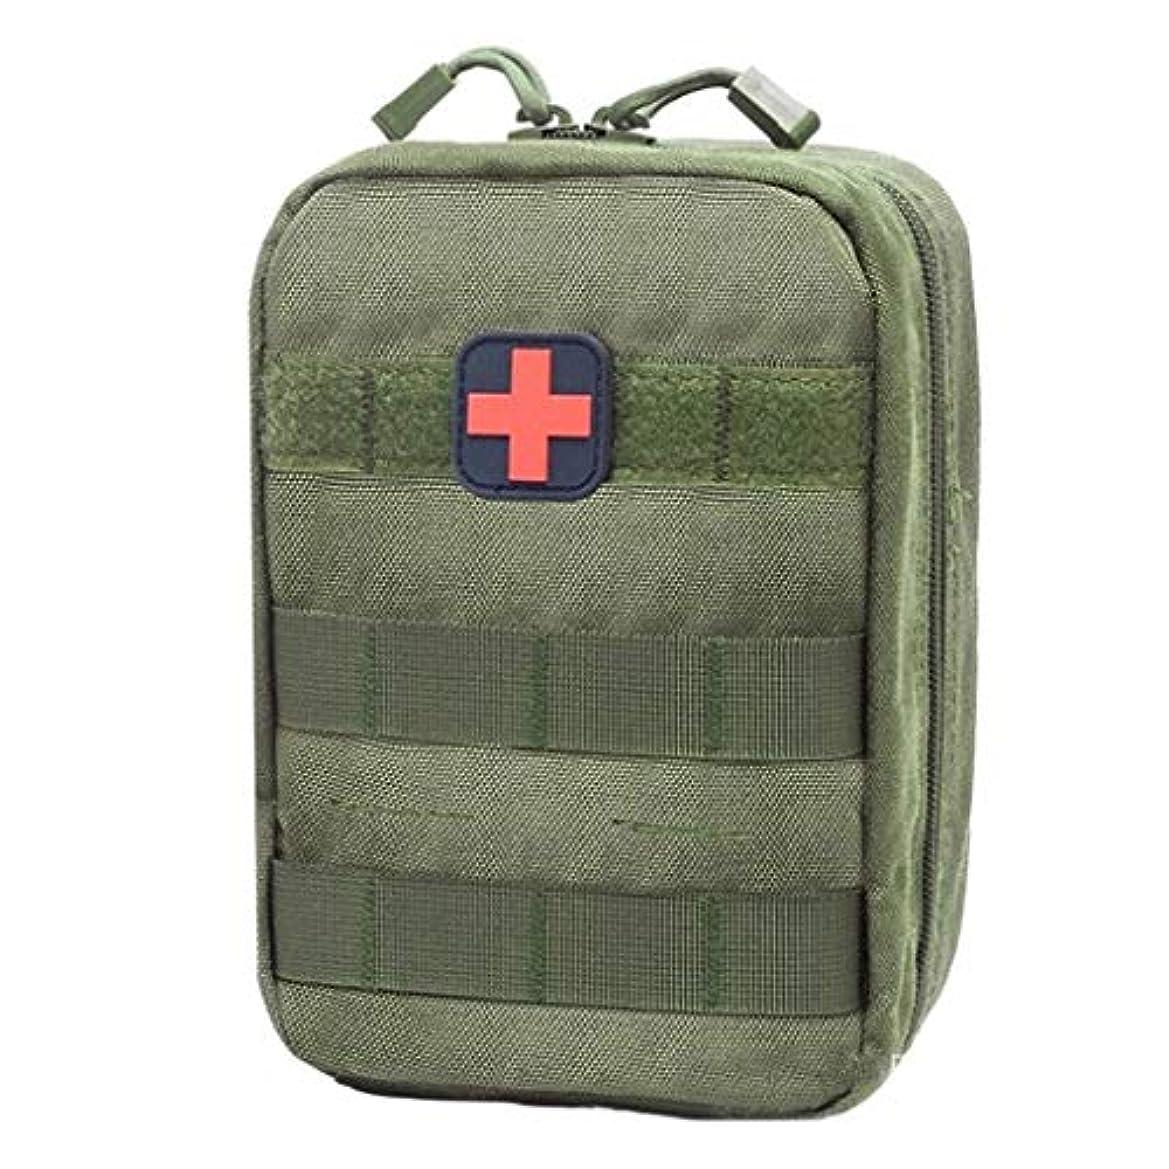 災害ゆりかご粗いDjyyh 旅行医療バッグ緊急キット屋外多機能救急箱収納袋アタッチメントウエストパック